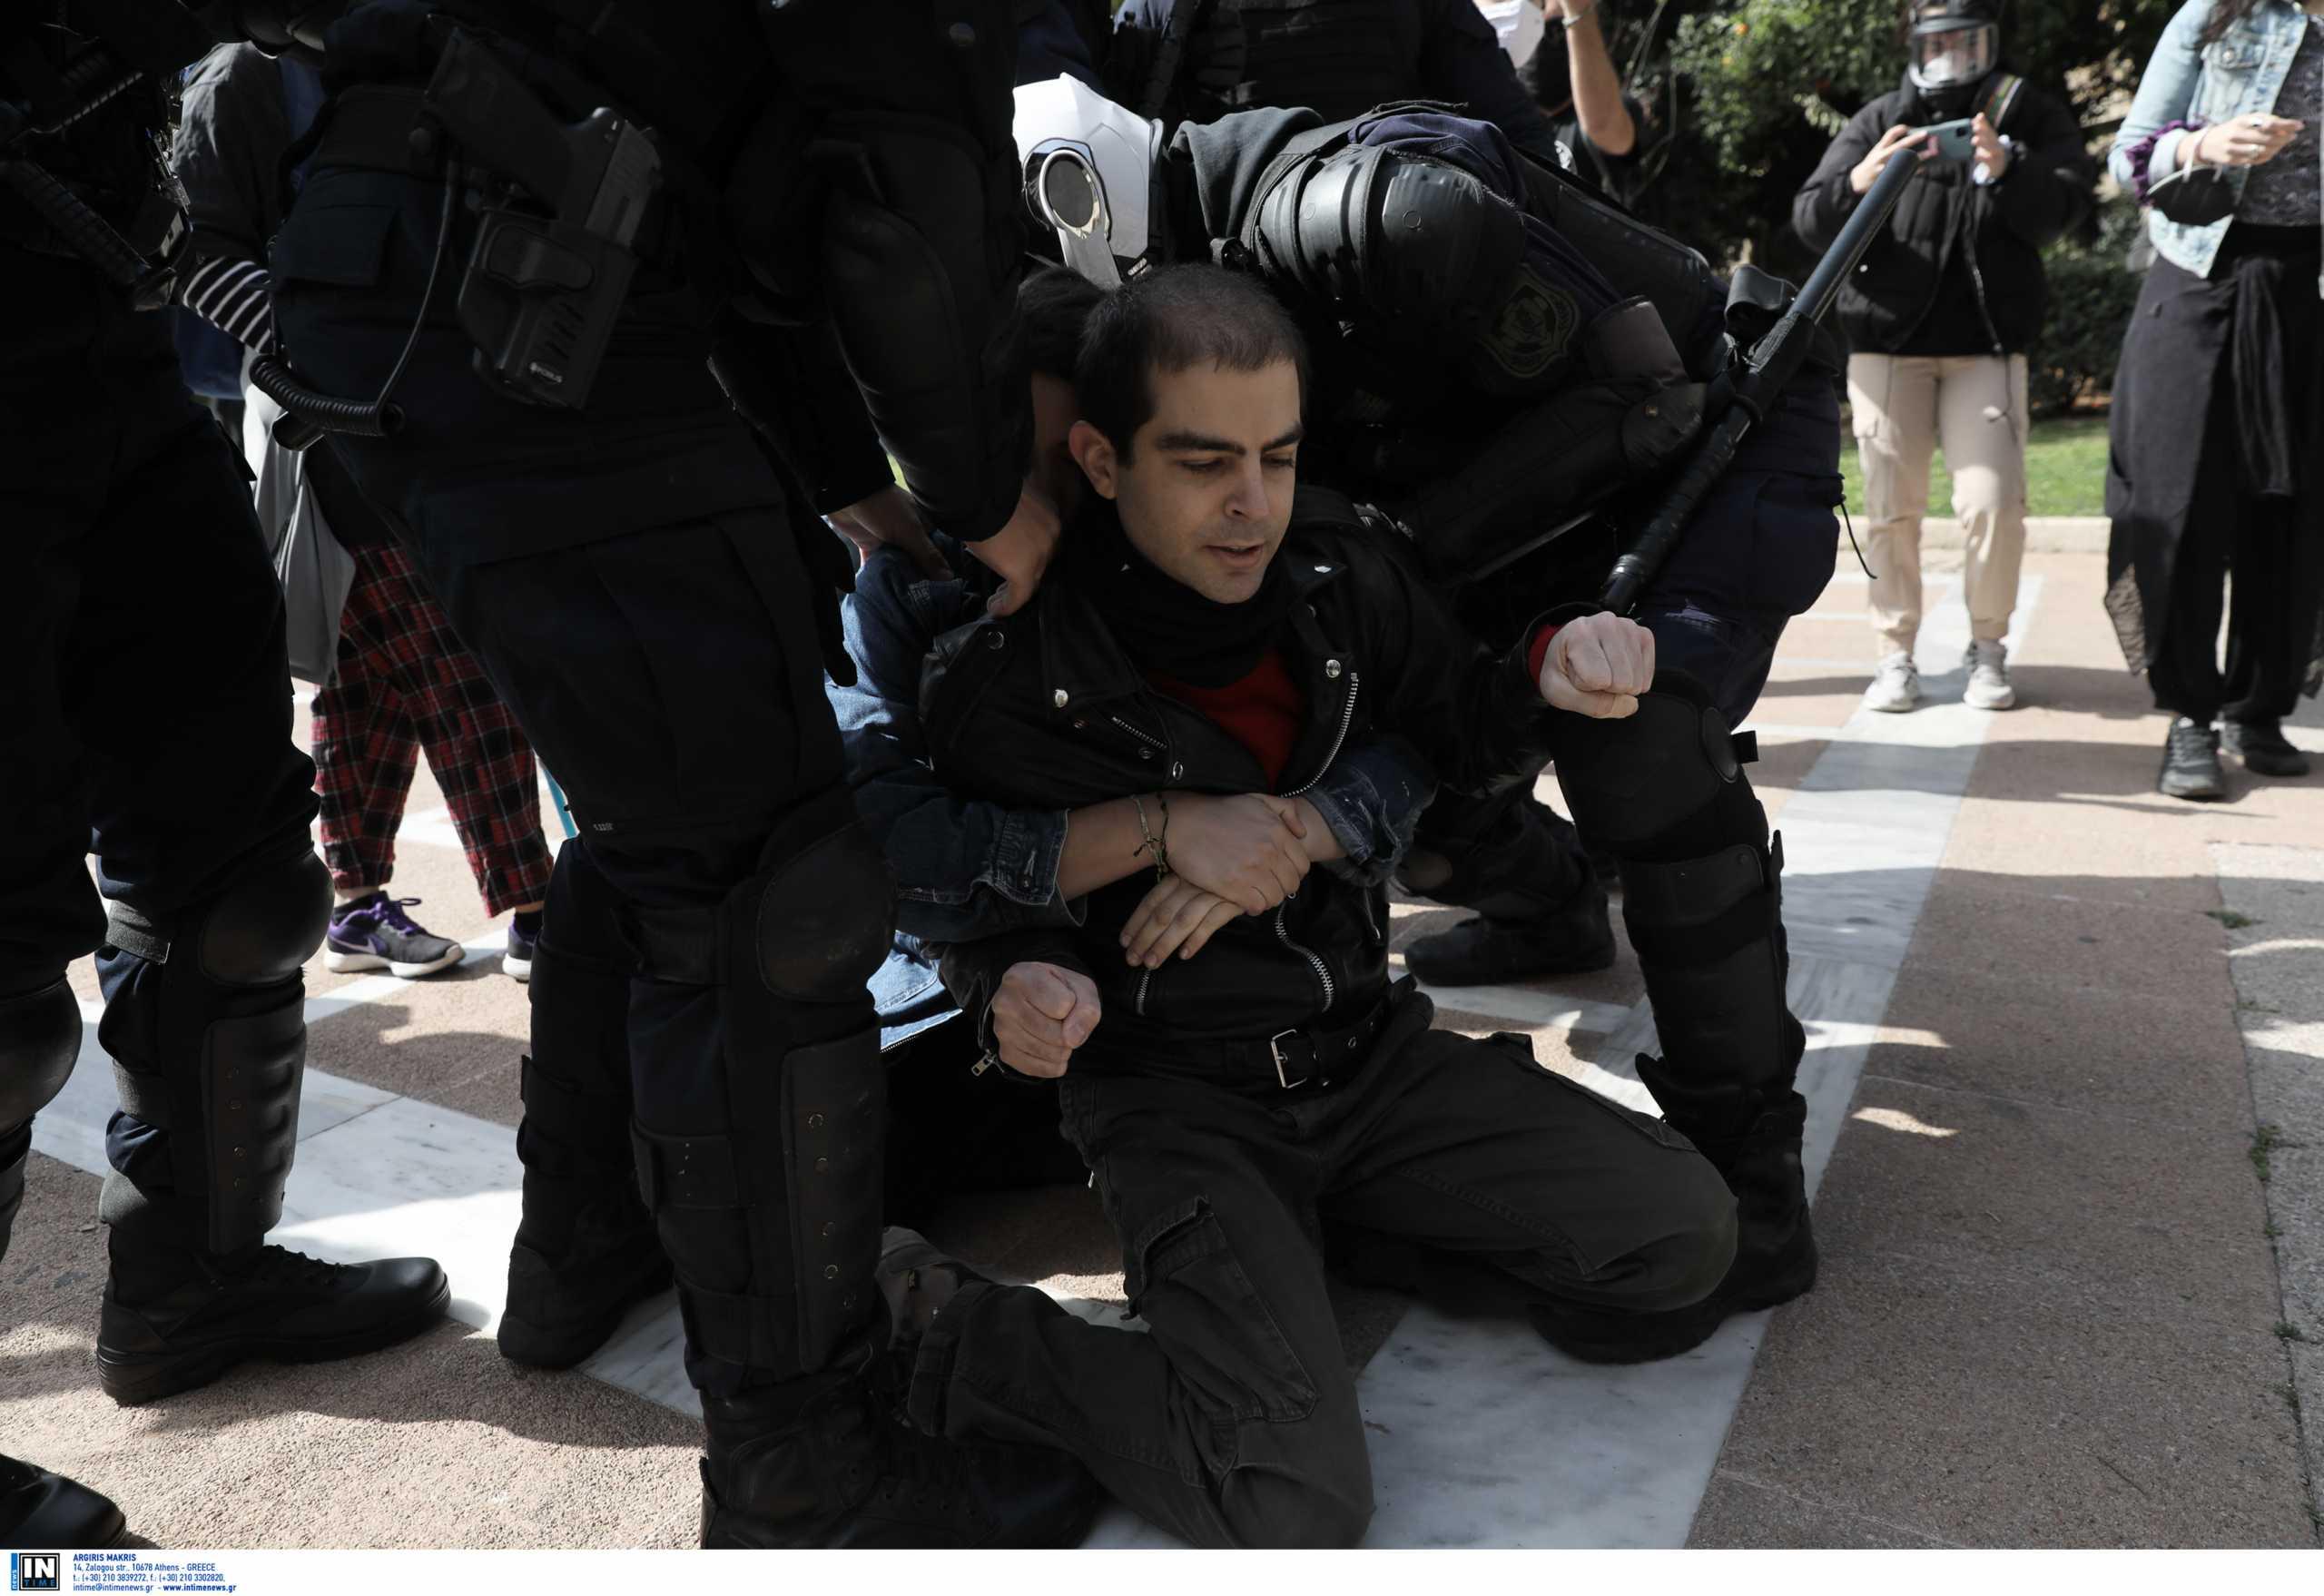 30 προσαγωγές στις διαμαρτυρίες για τον Κουφοντίνα – Ανάμεσά τους και ο γιος του